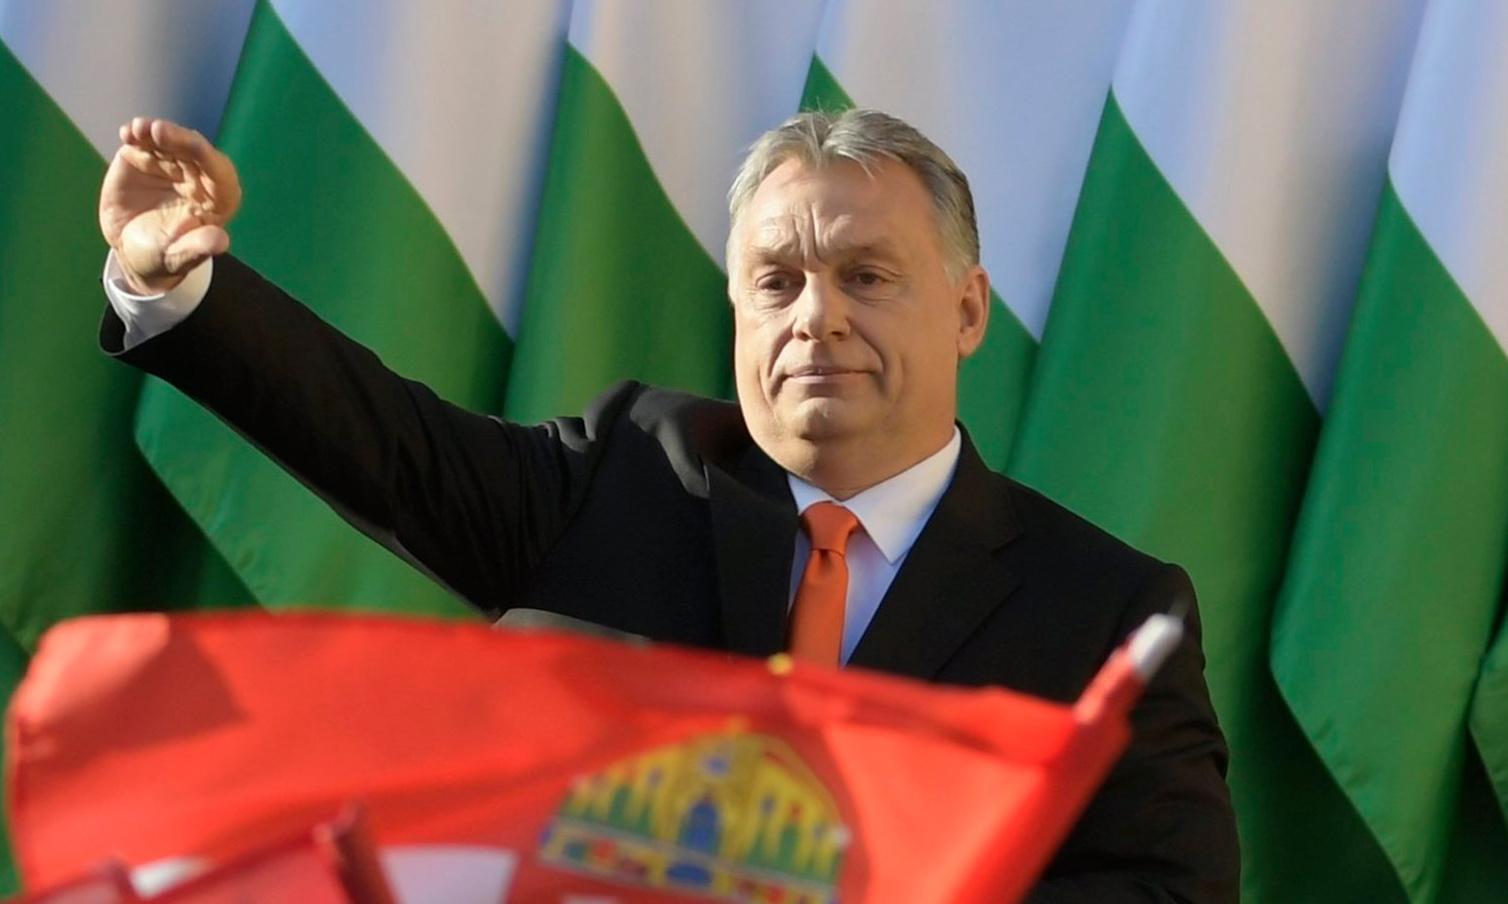 Viktor Orbán: showdown with EU's centre-right looms for 'mini-Trump'